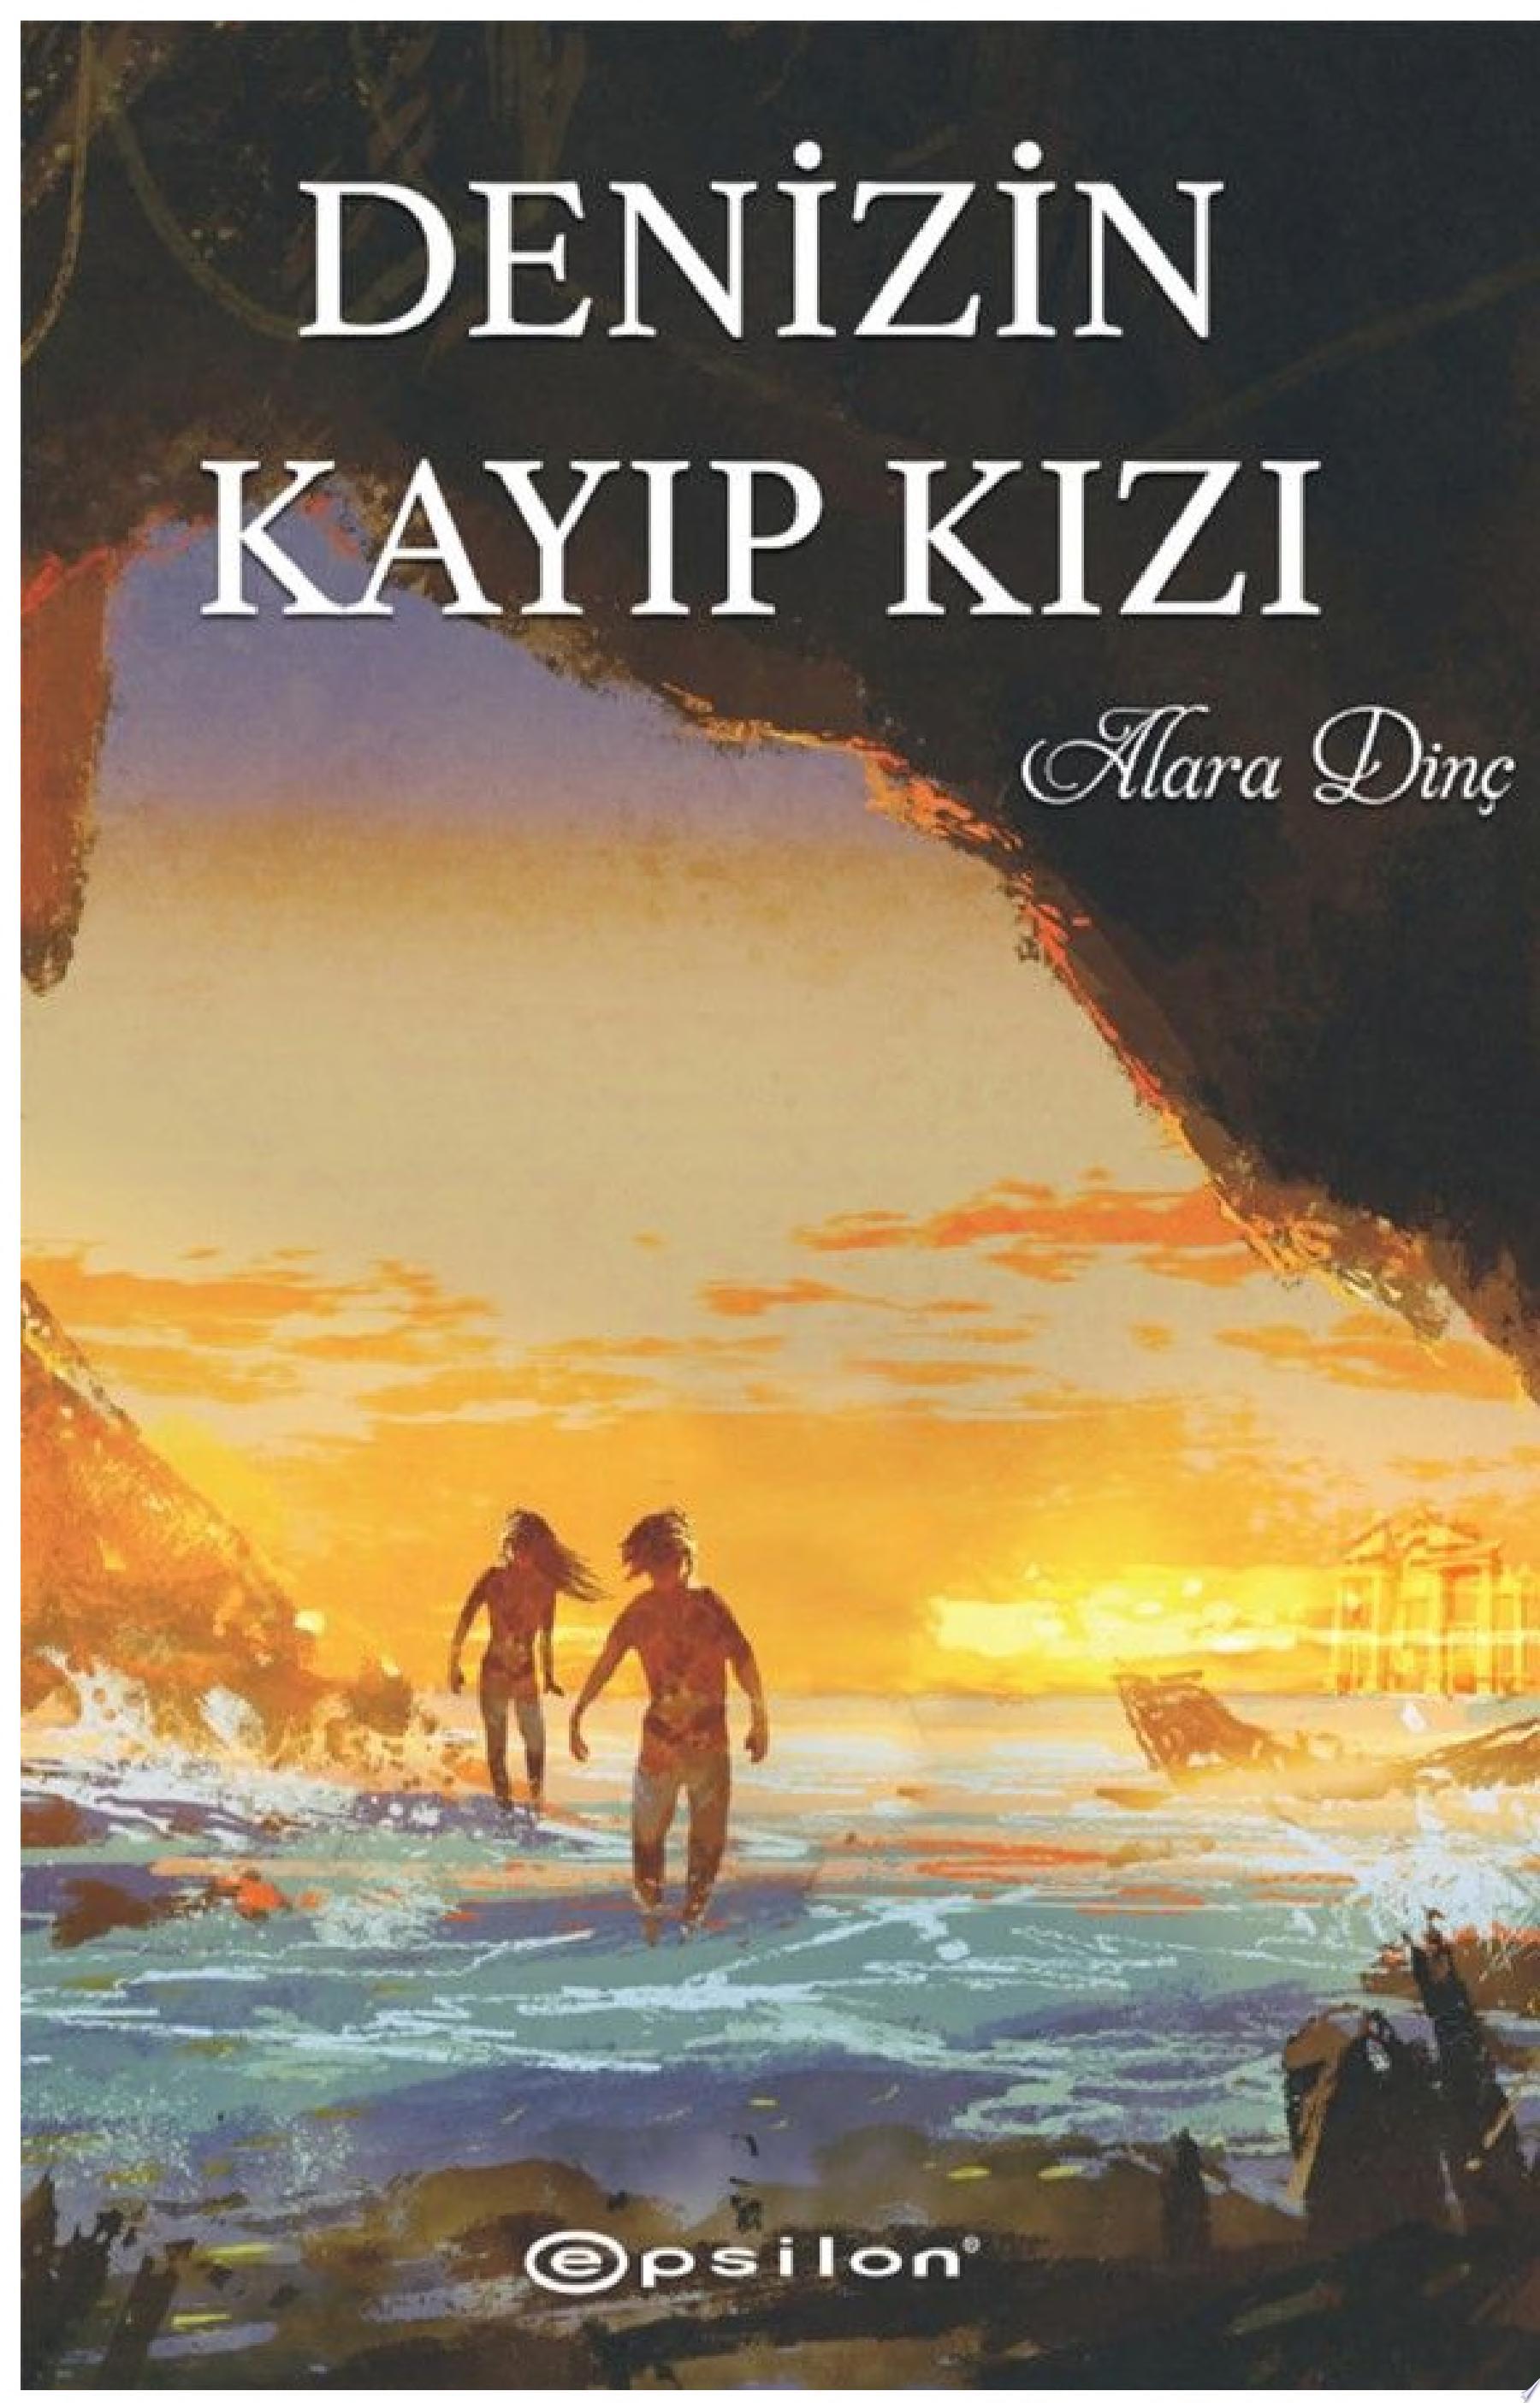 Denizin Kay  p K  z